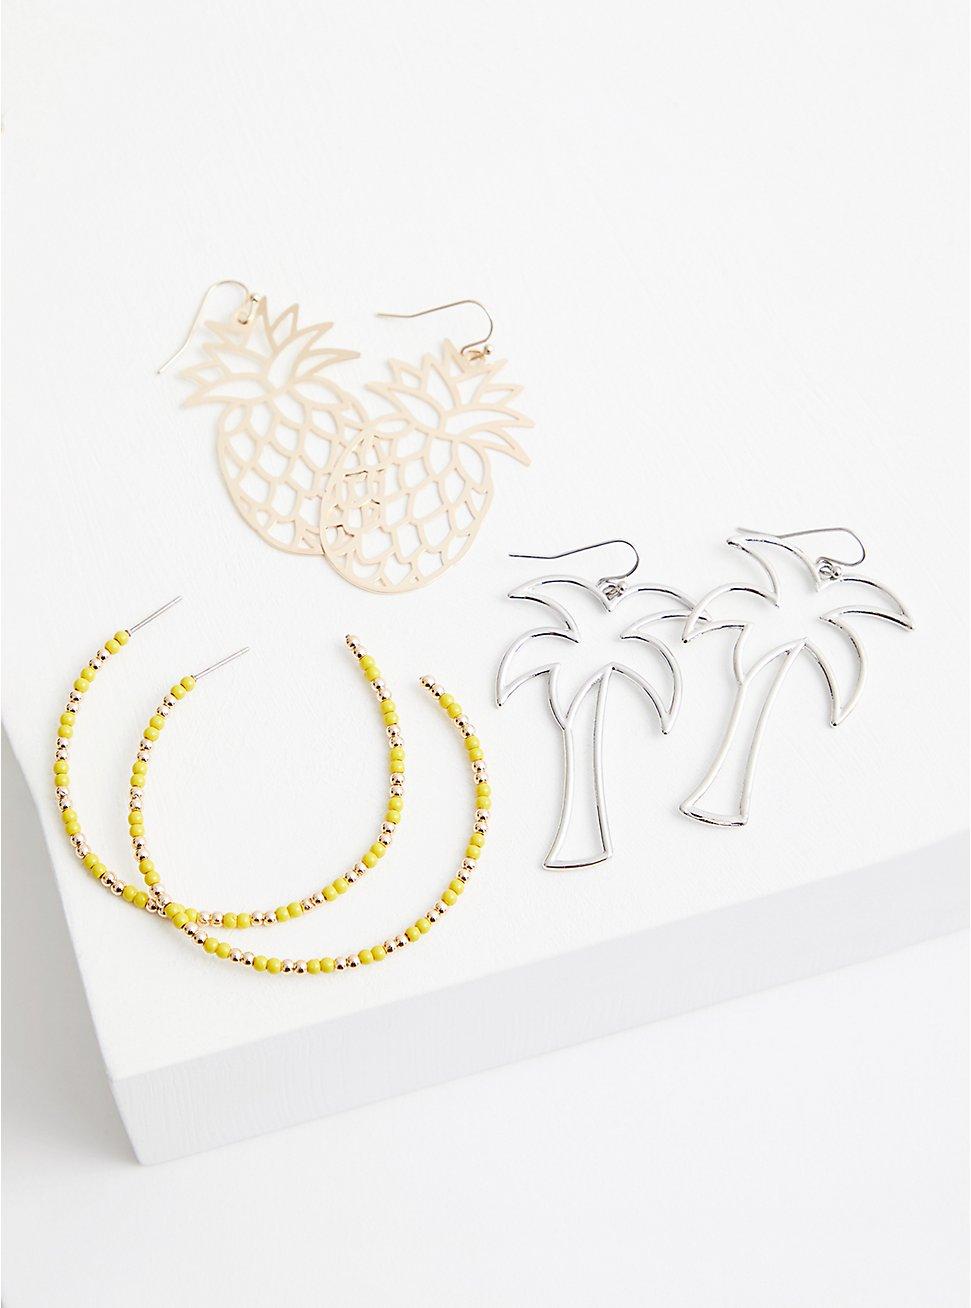 Palm & Pineapple Hoop Earring Set - Set of 3, , hi-res